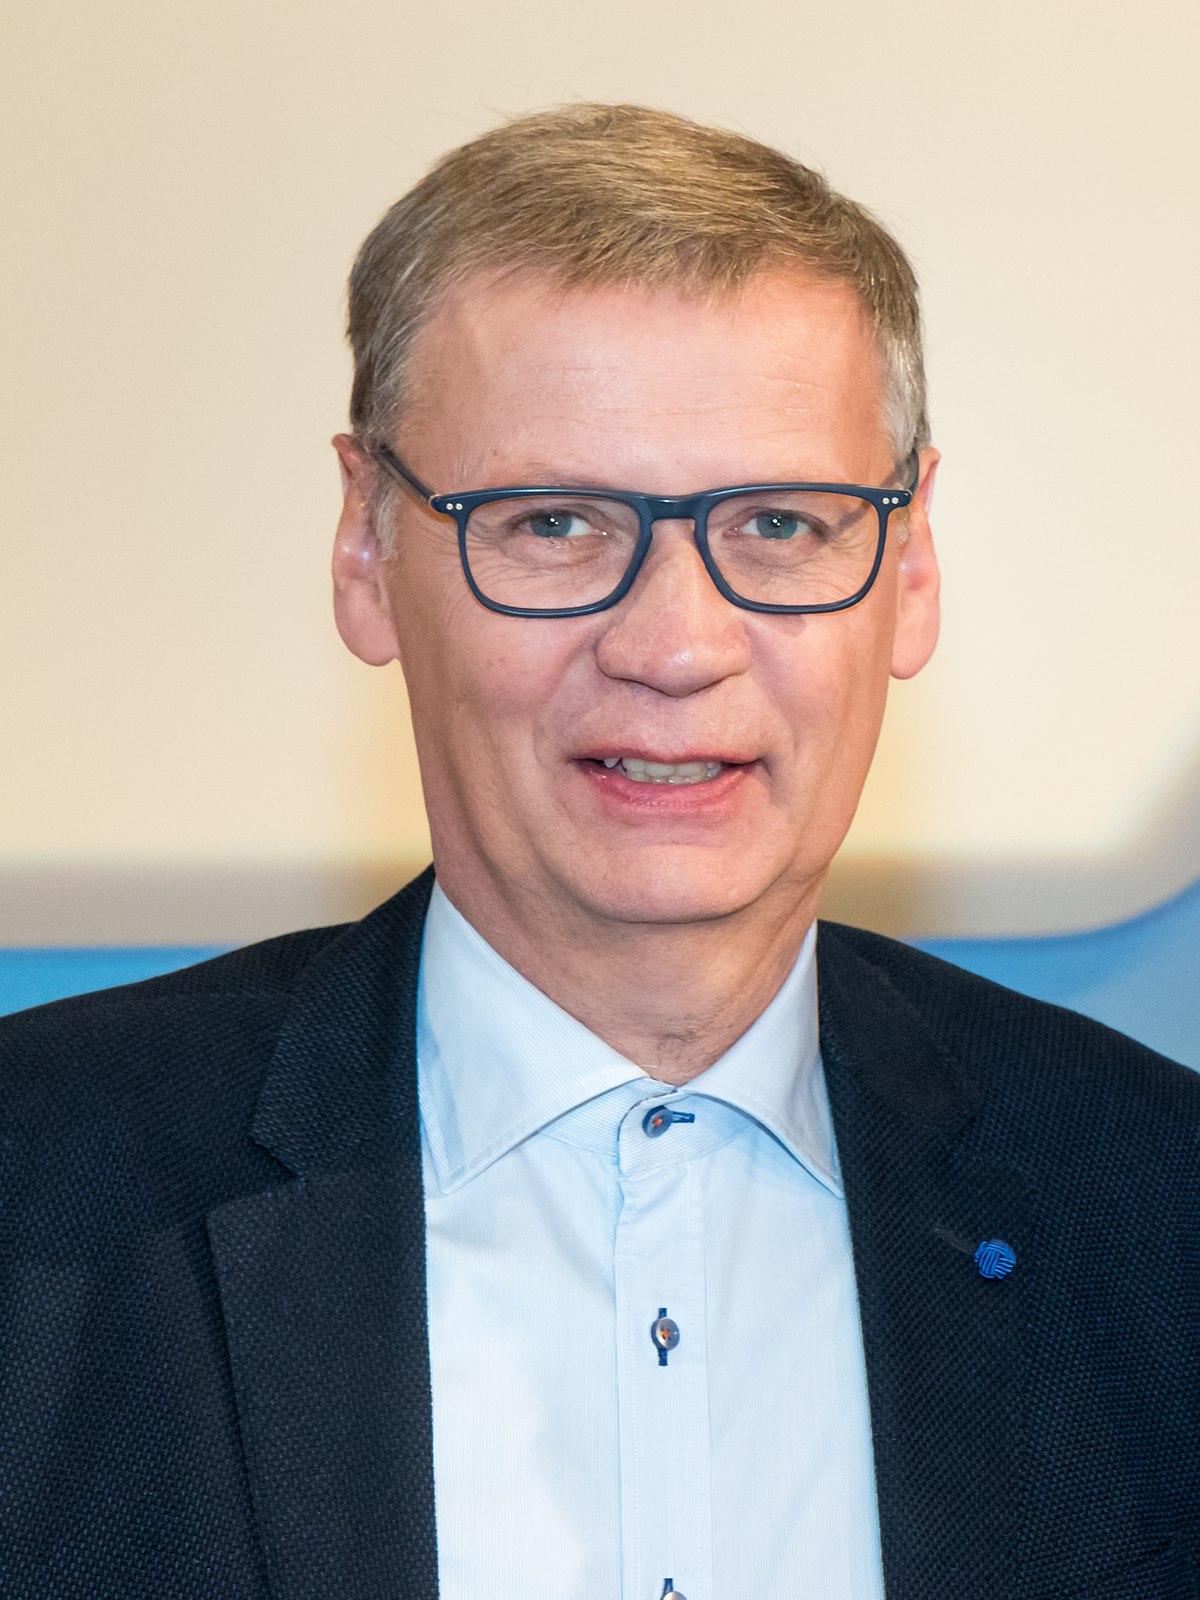 Schauspieler Thomas Kretschmann Halt Hochzeit Fur Moglich Stars